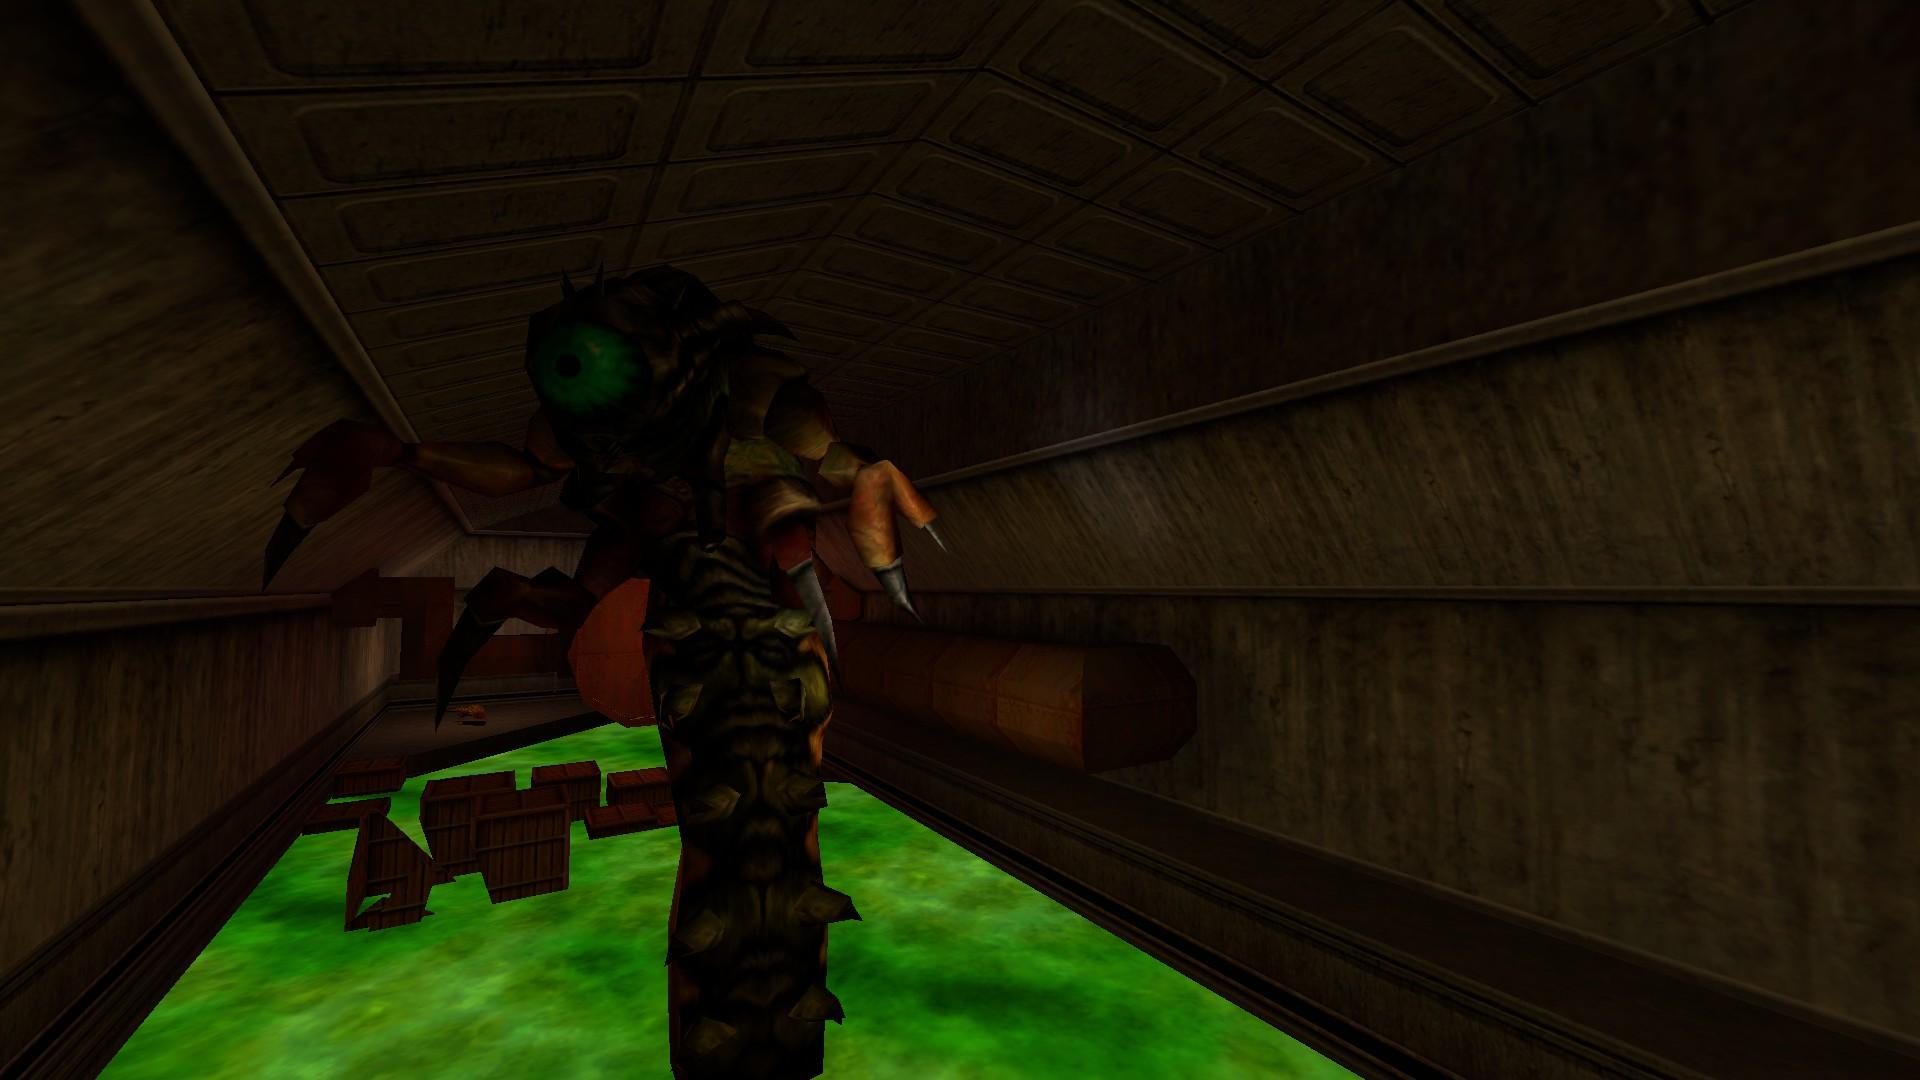 Half-Life Source: Project Extend нацелен добавить карты, вырезанные из альфа-версии